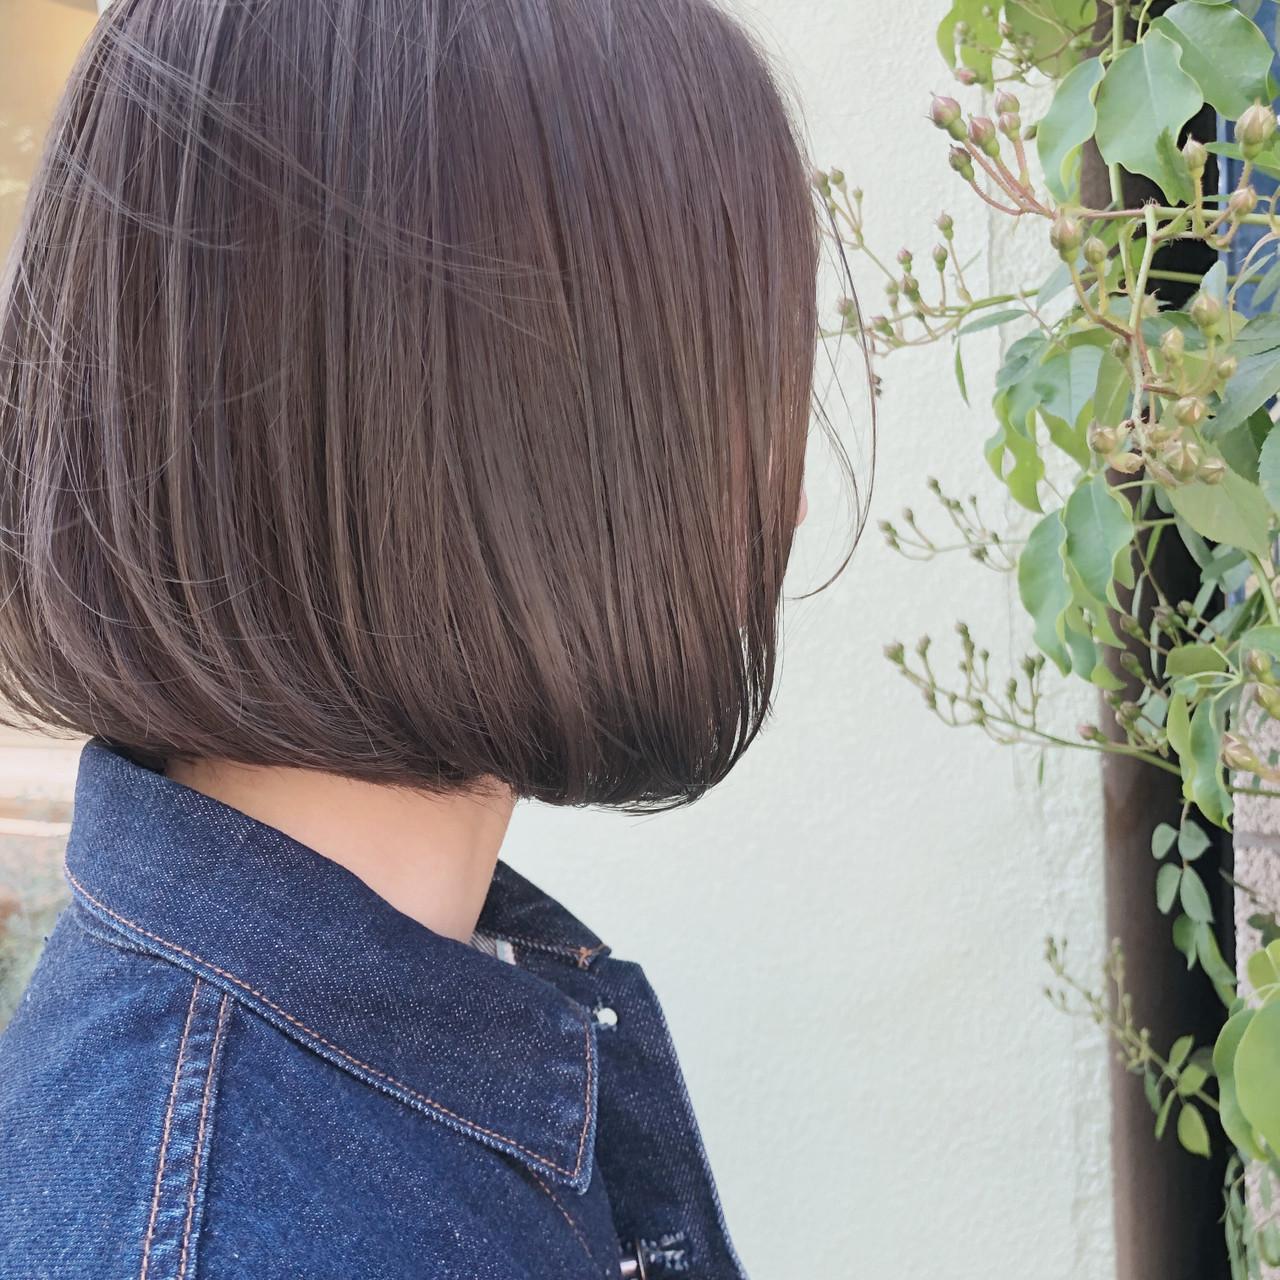 ゆるふわ アンニュイほつれヘア ボブ スポーツ ヘアスタイルや髪型の写真・画像